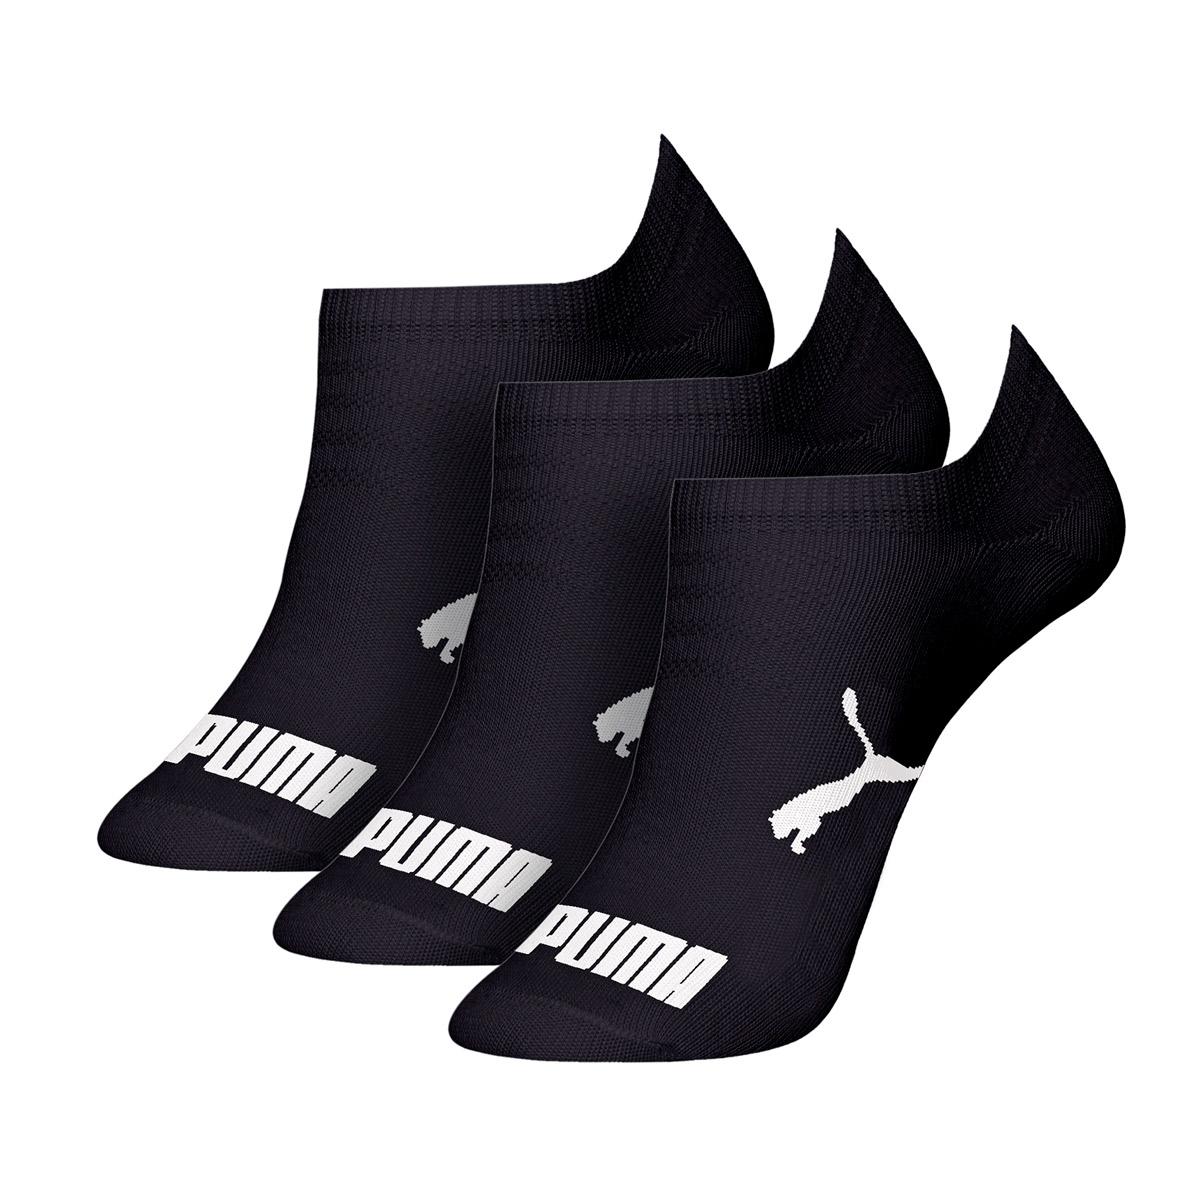 Kit com 3 Pares de Meias Sapatilhas Puma 4515.001